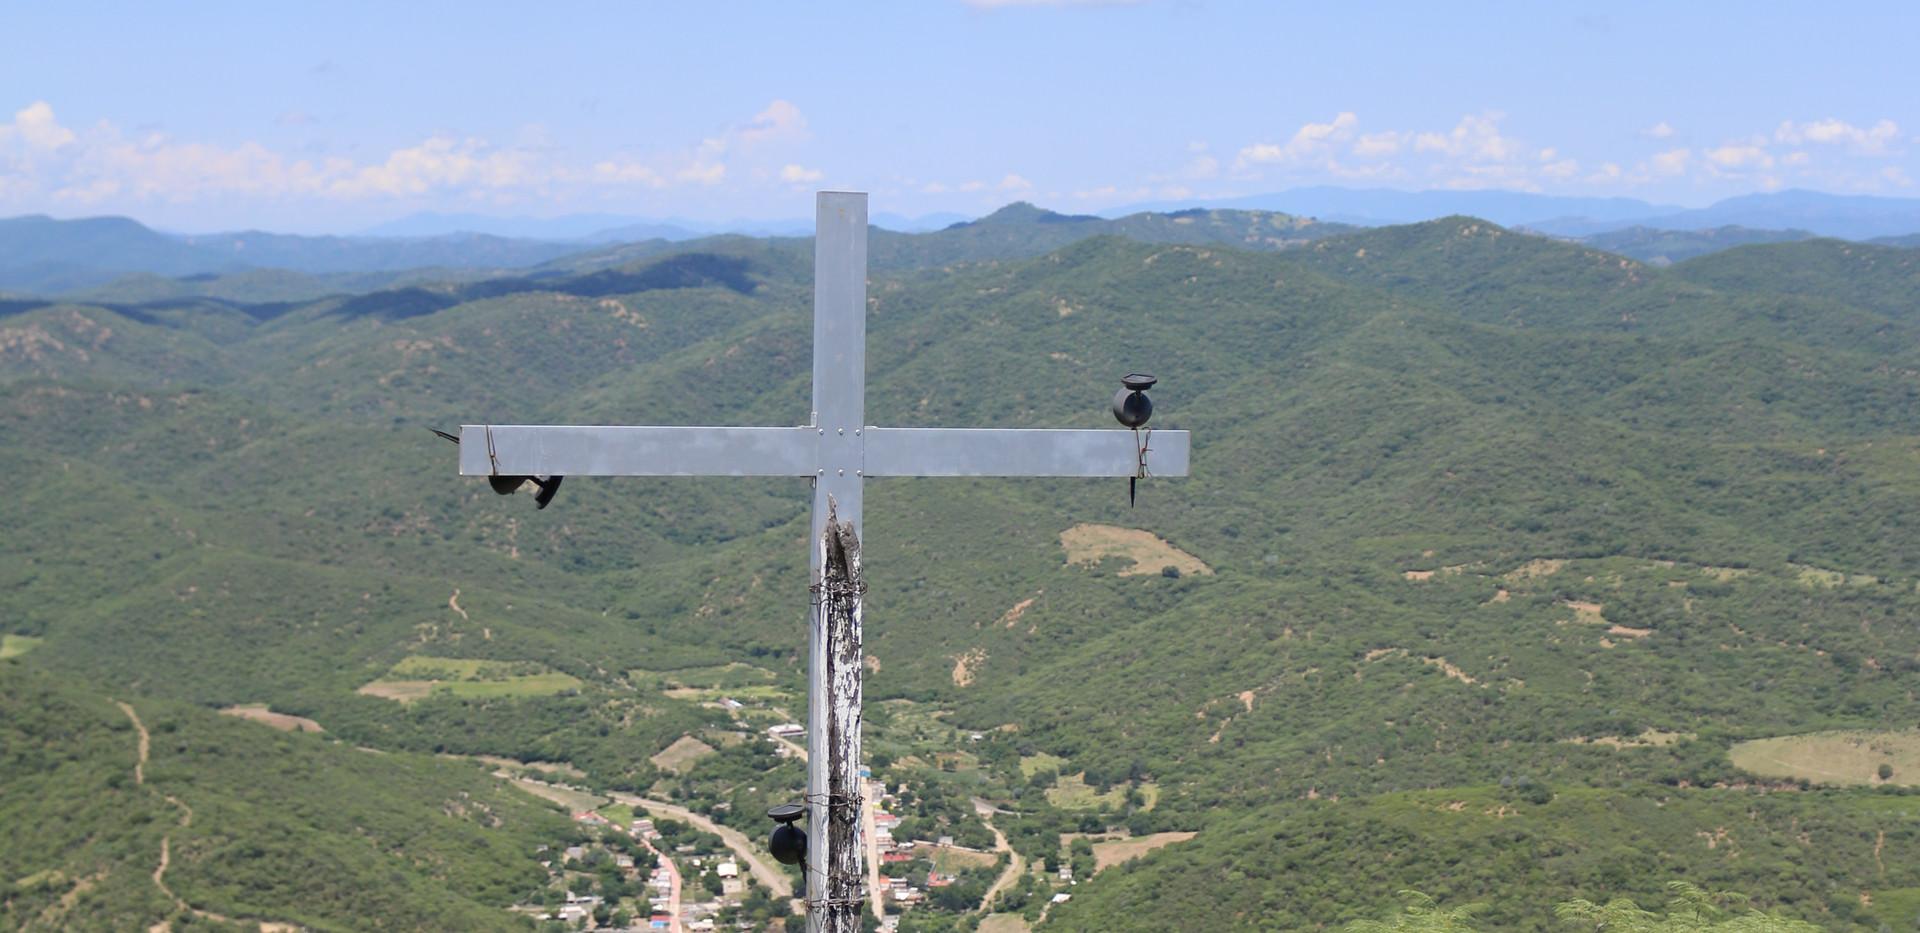 Huehuepiaxtla, modern cross near the summit